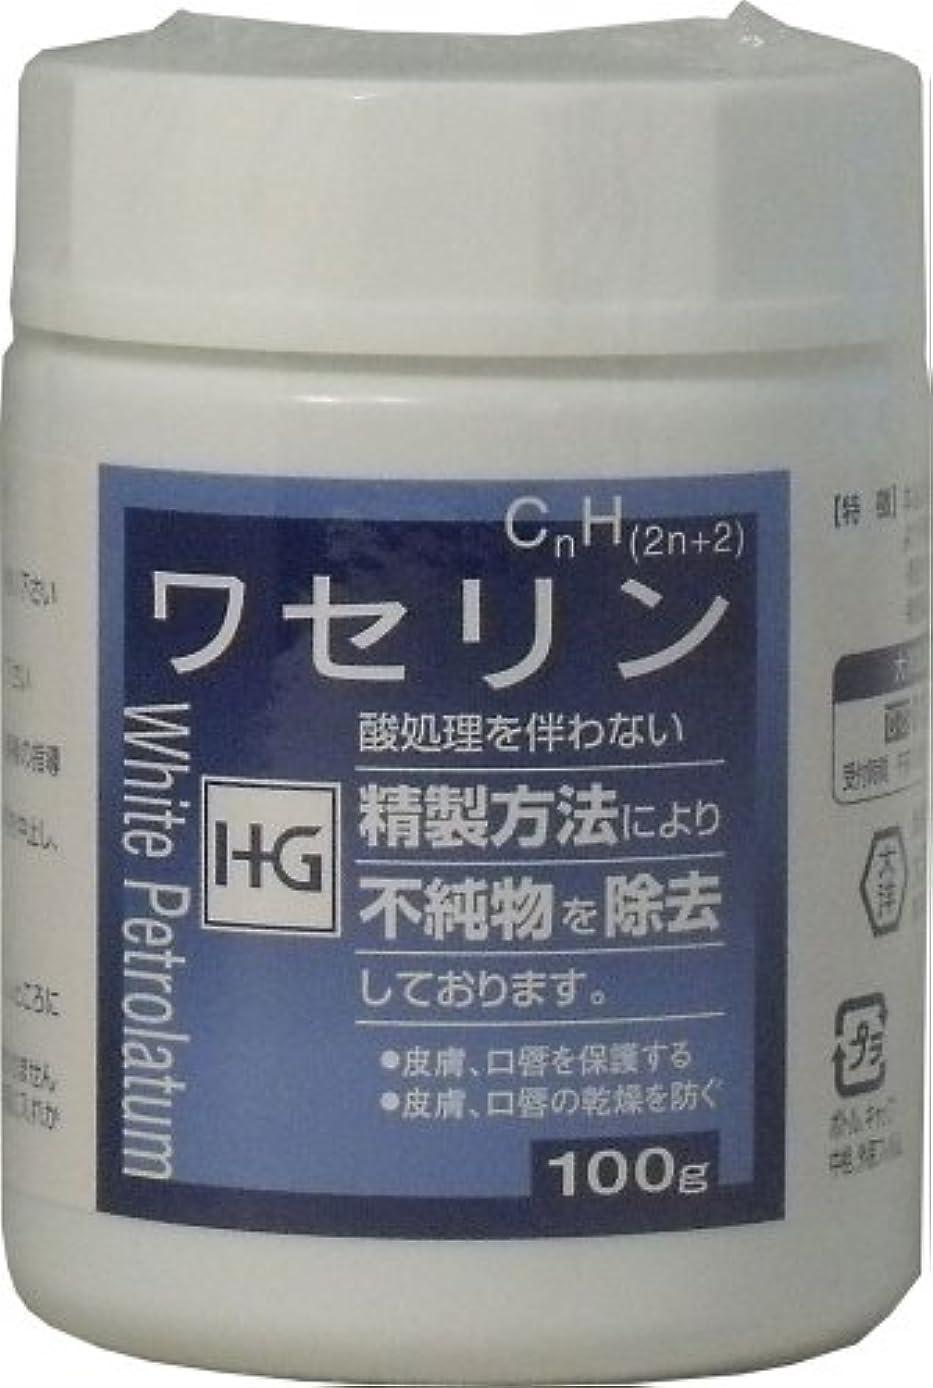 揺れる最後に強風皮膚保護 ワセリンHG 100g ×10個セット